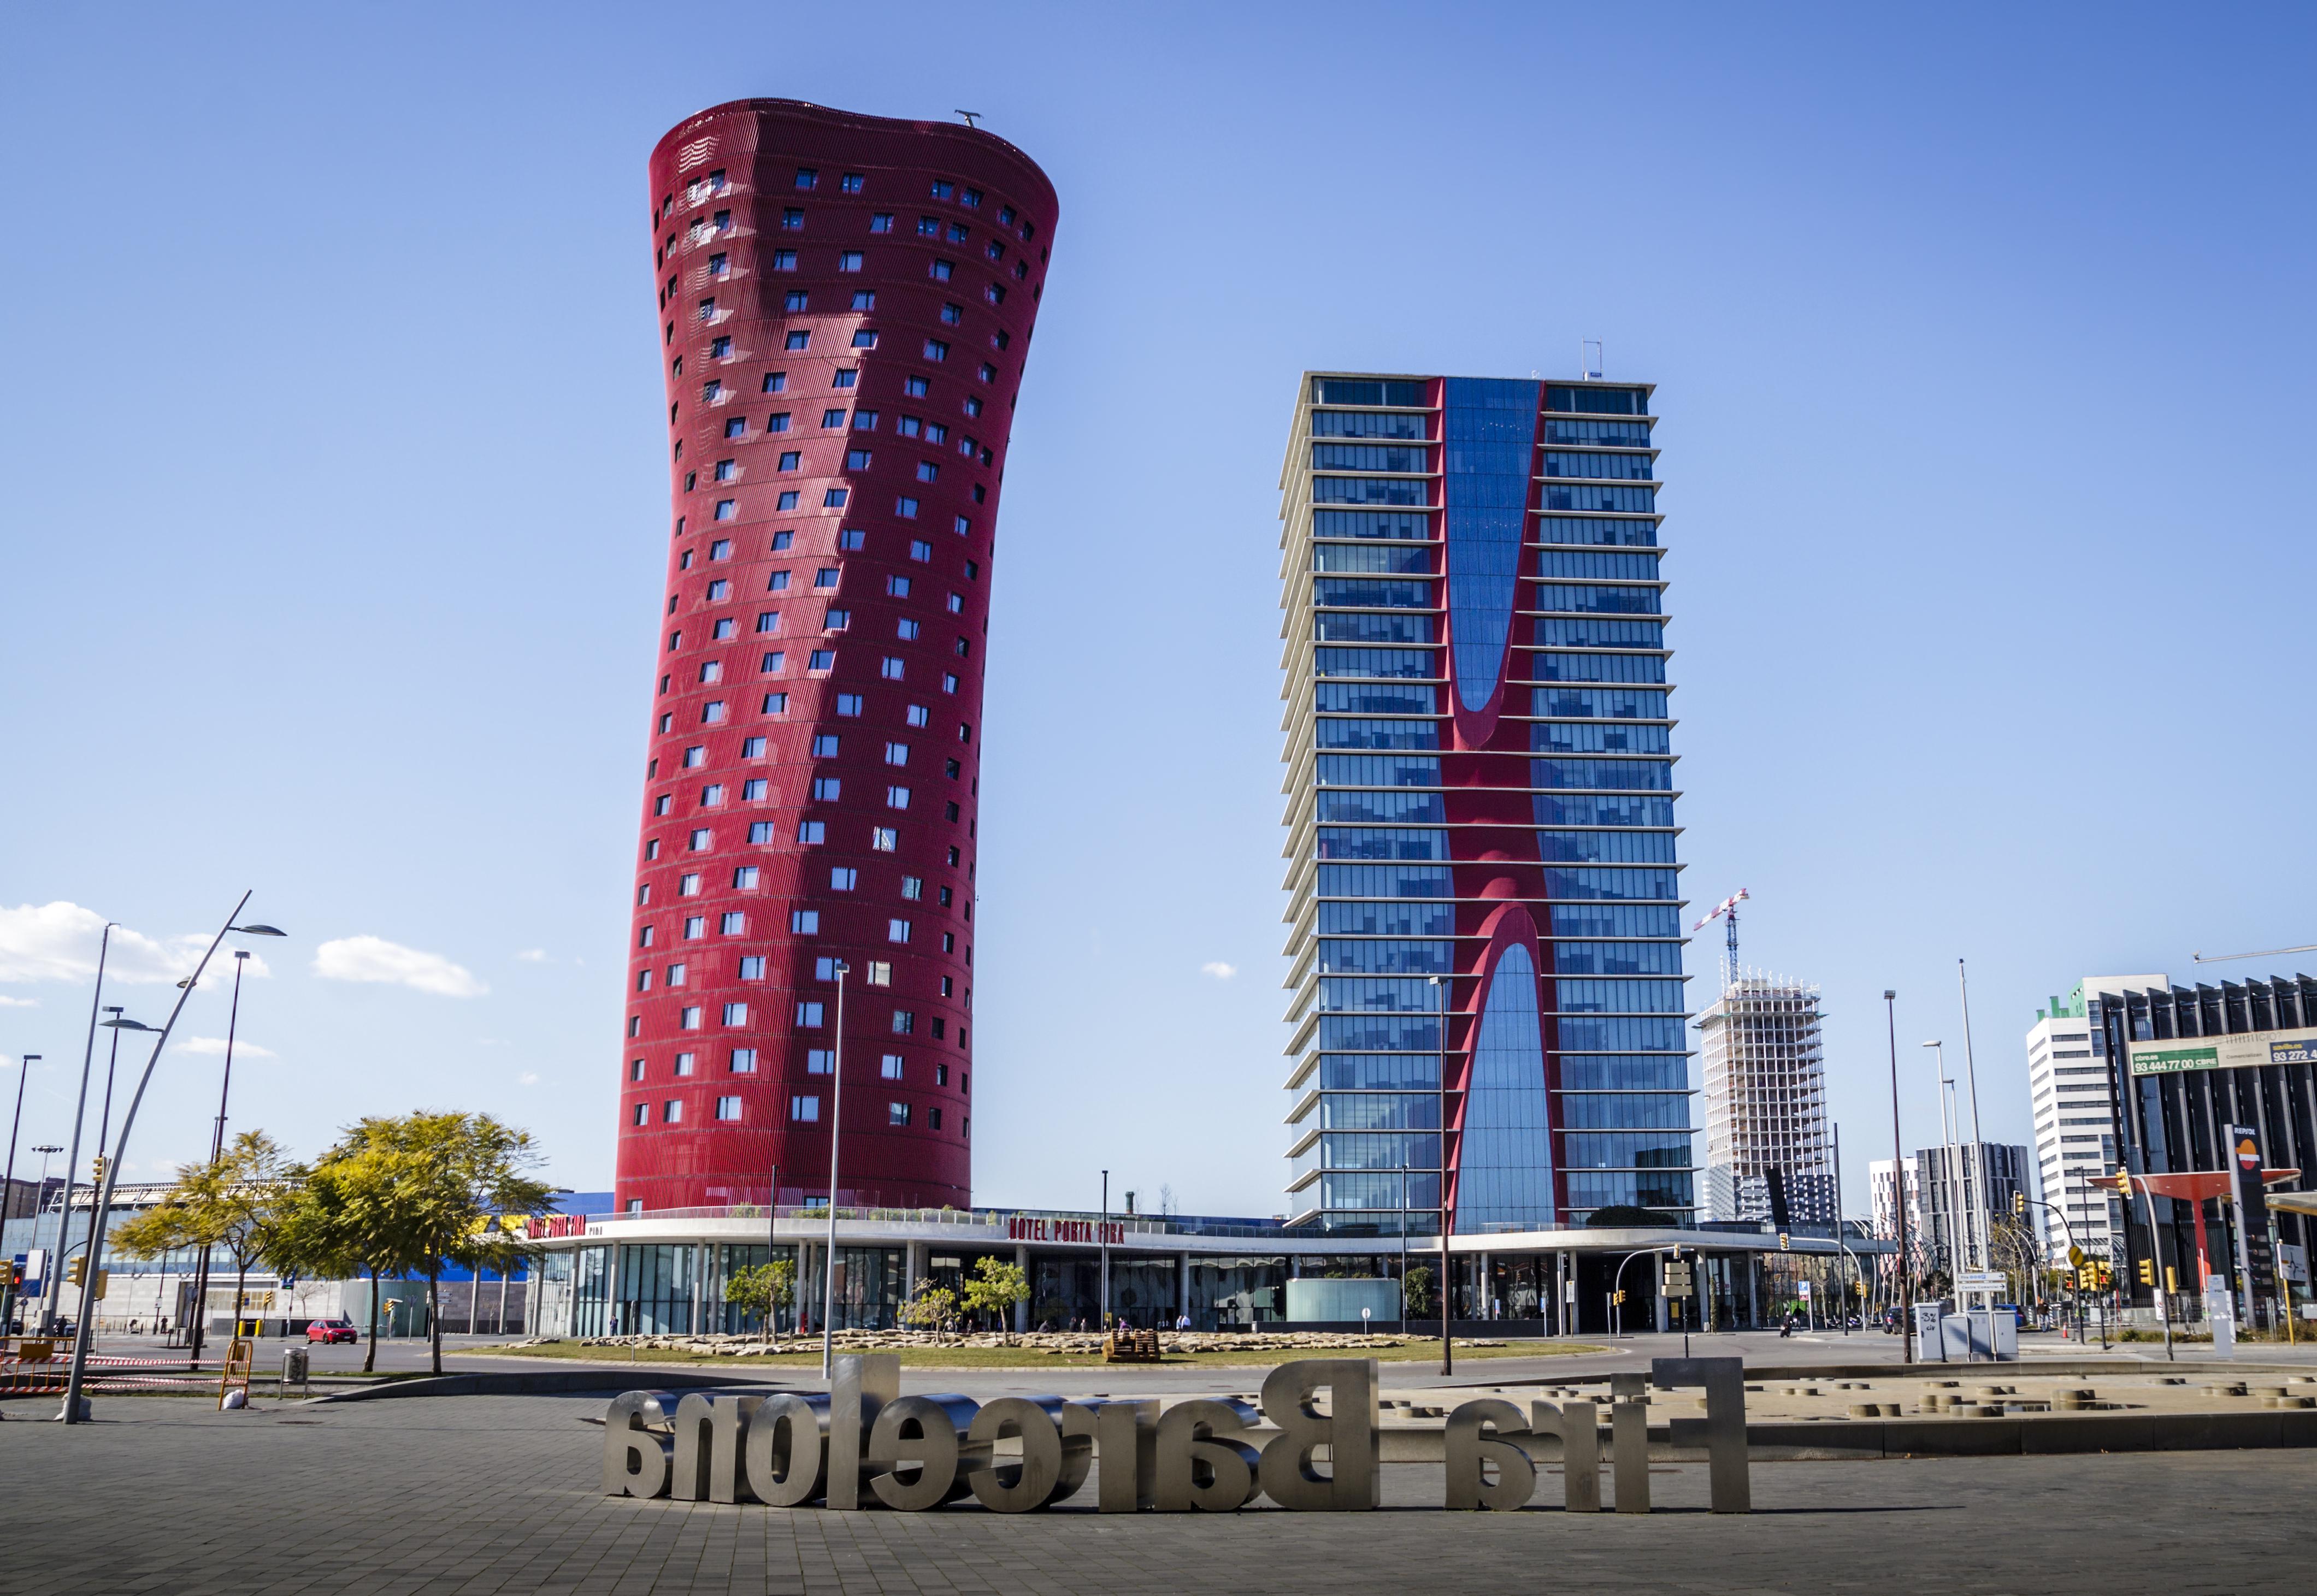 Alquiler habitaciones en l hospitalet barcelona pisos para estudiantes - Pisos para estudiantes en barcelona ...